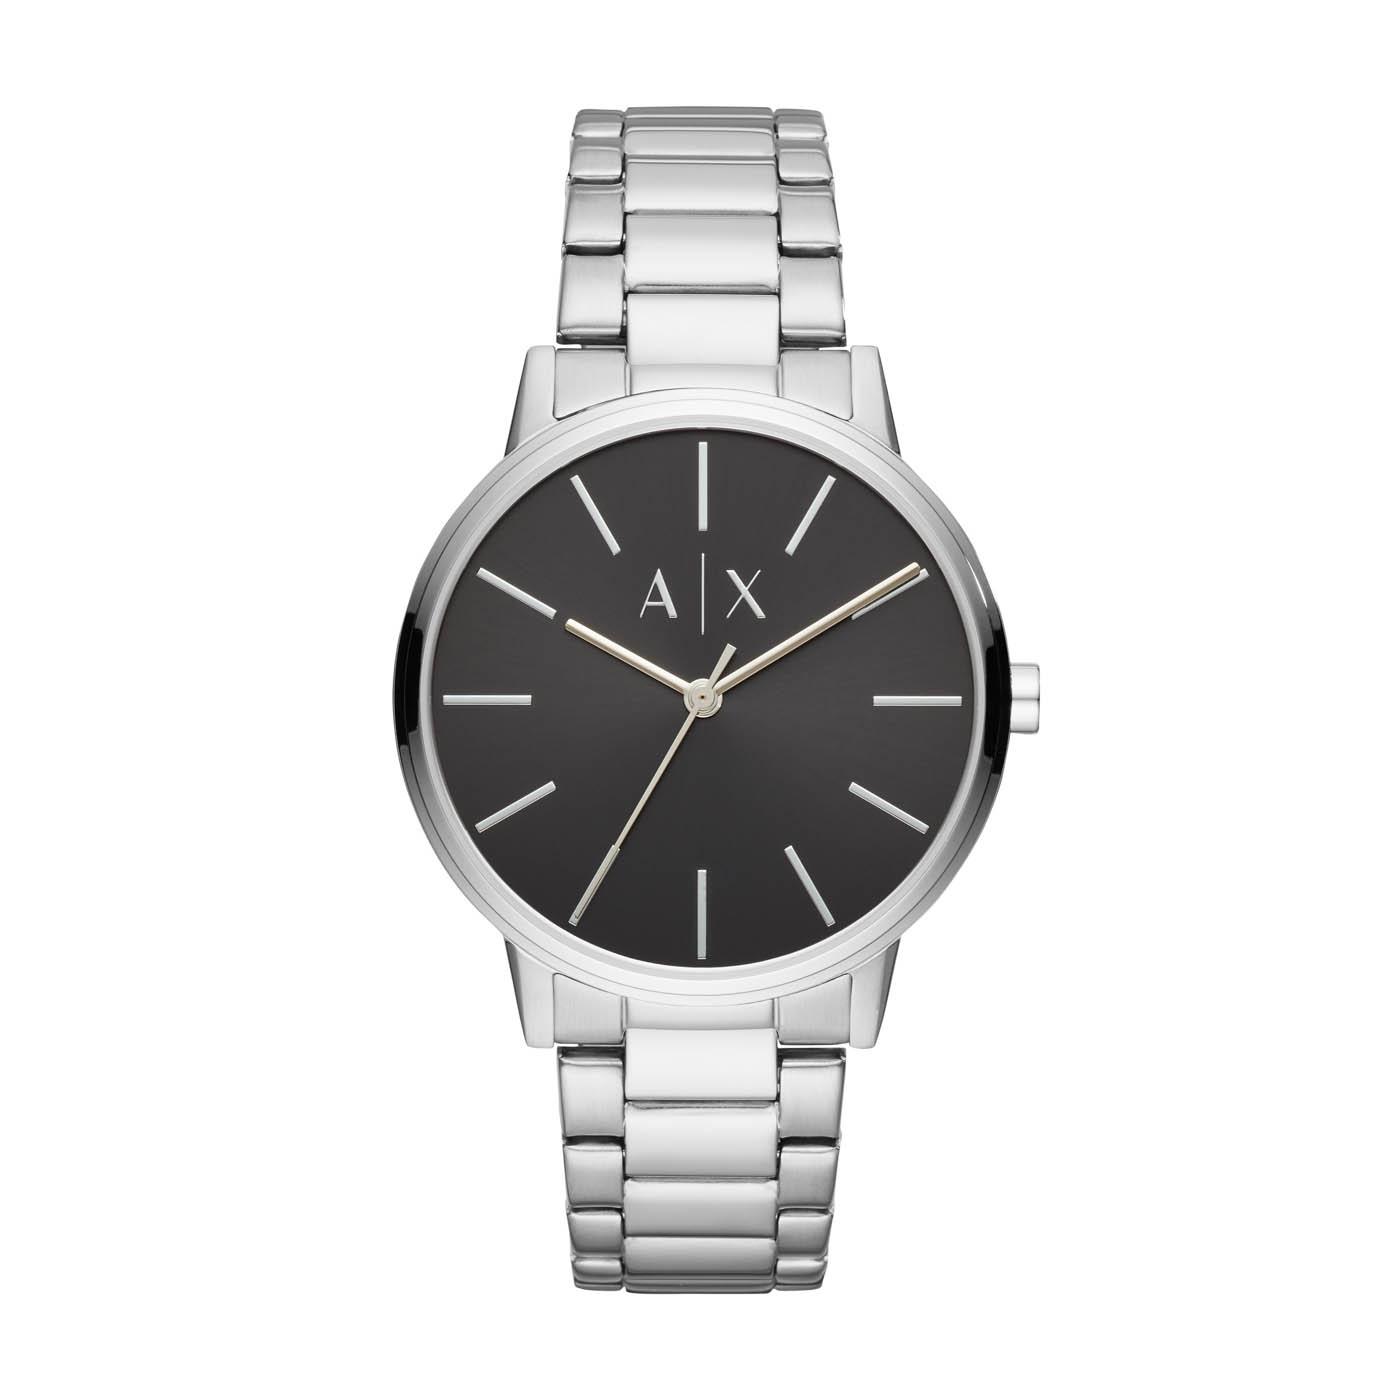 Afbeelding van Armani Exchange Cayde horloge AX2700